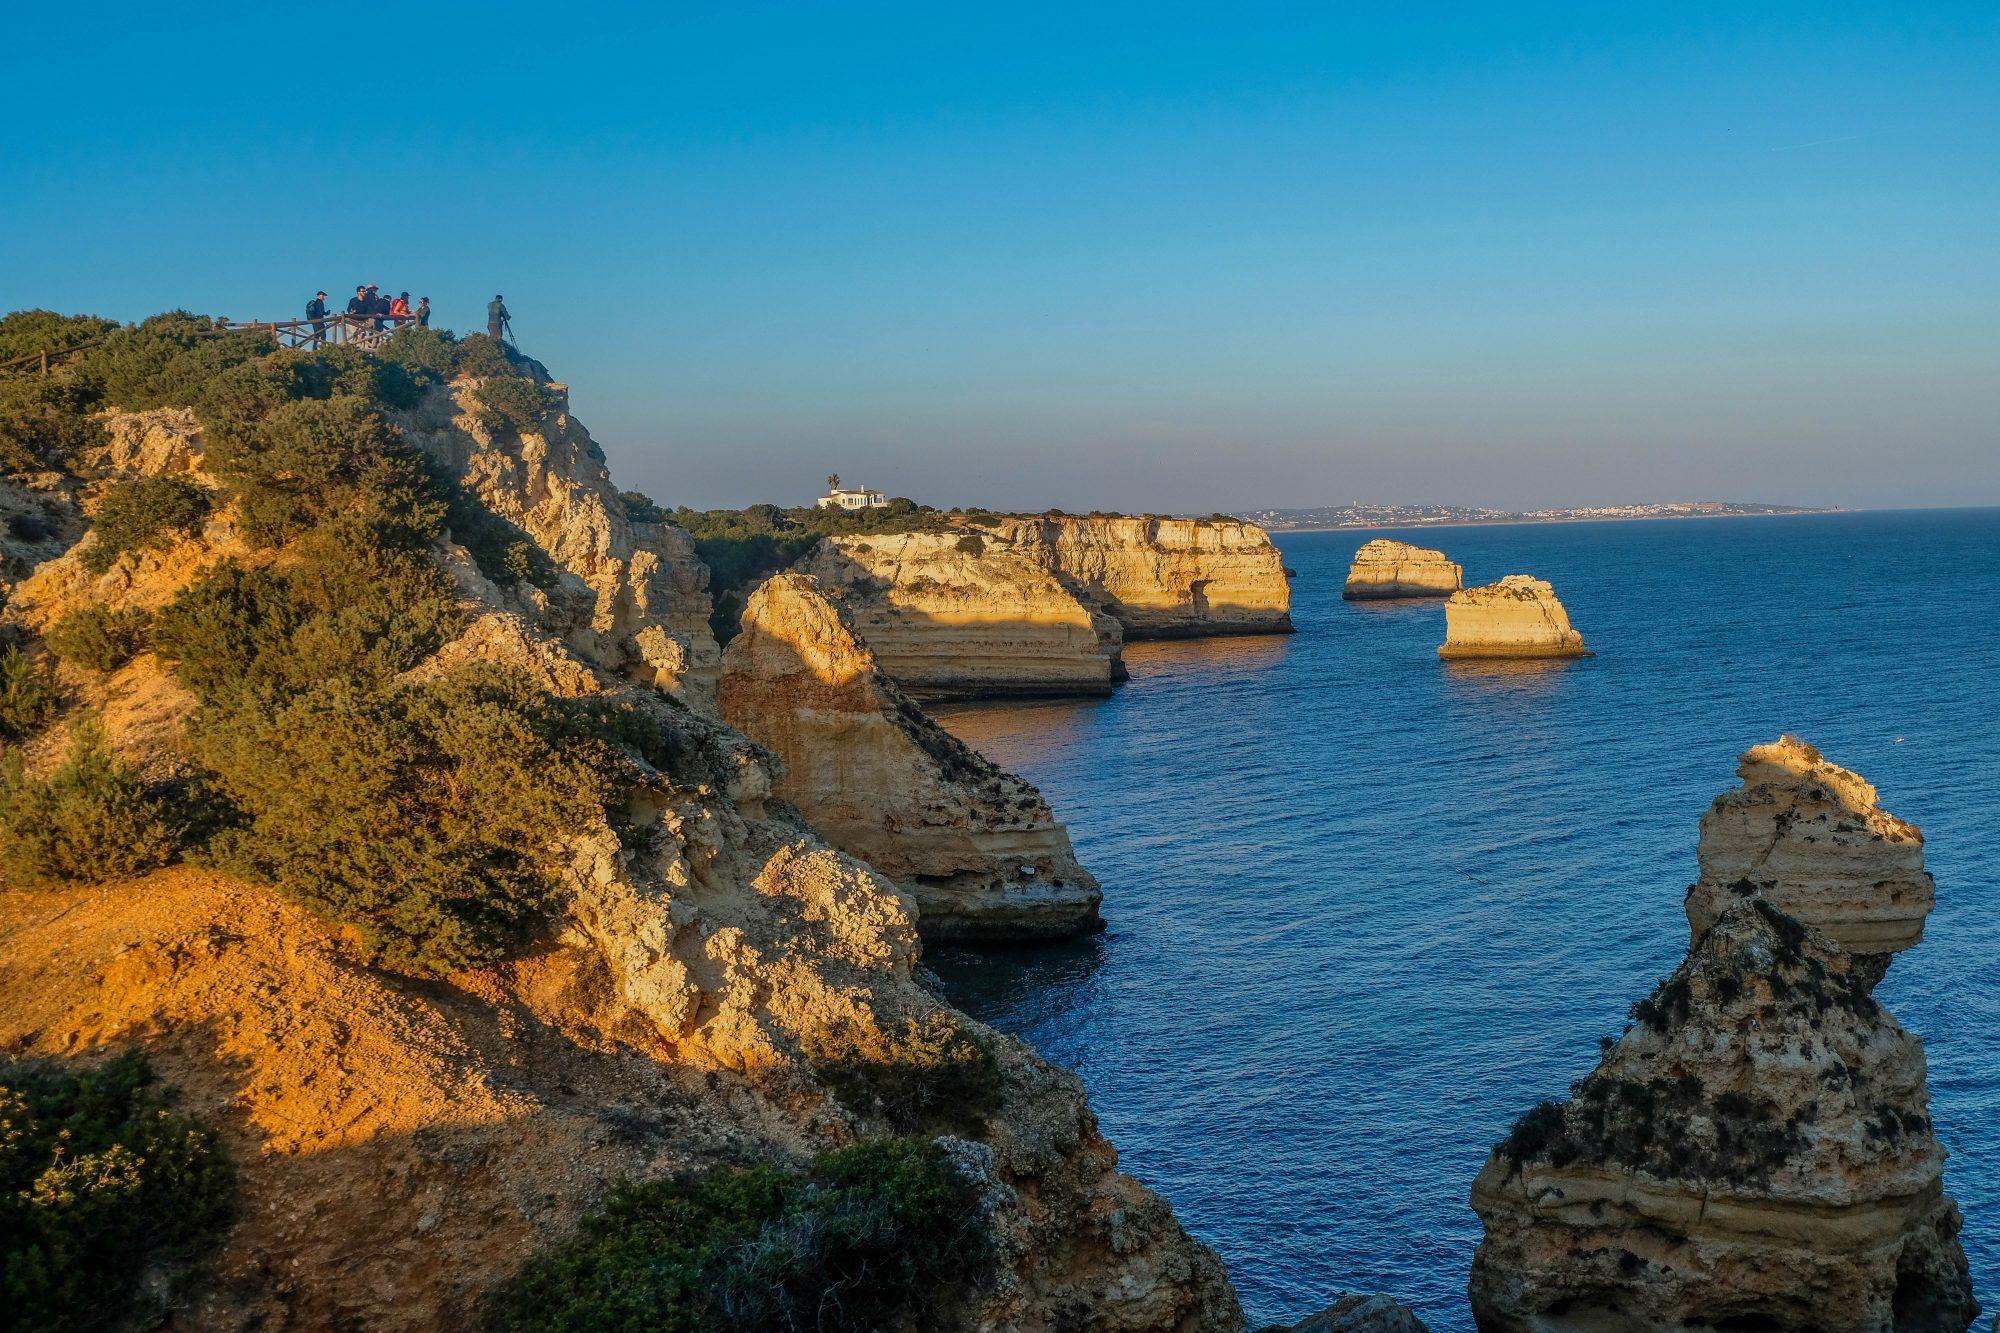 Sentier des 7 vallées suspendues une randonnée incontournable pour découvrir les beaux paysages de l'Algarve